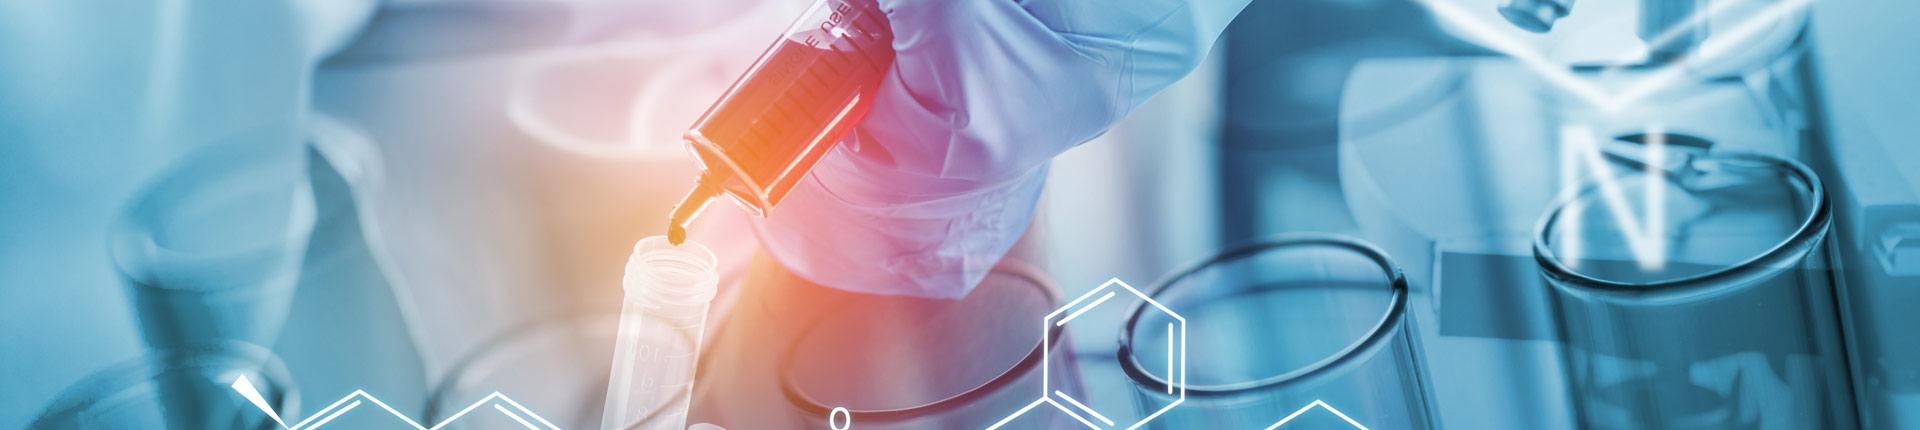 Fenylopropionian nandrolonu – efekty u biegaczy